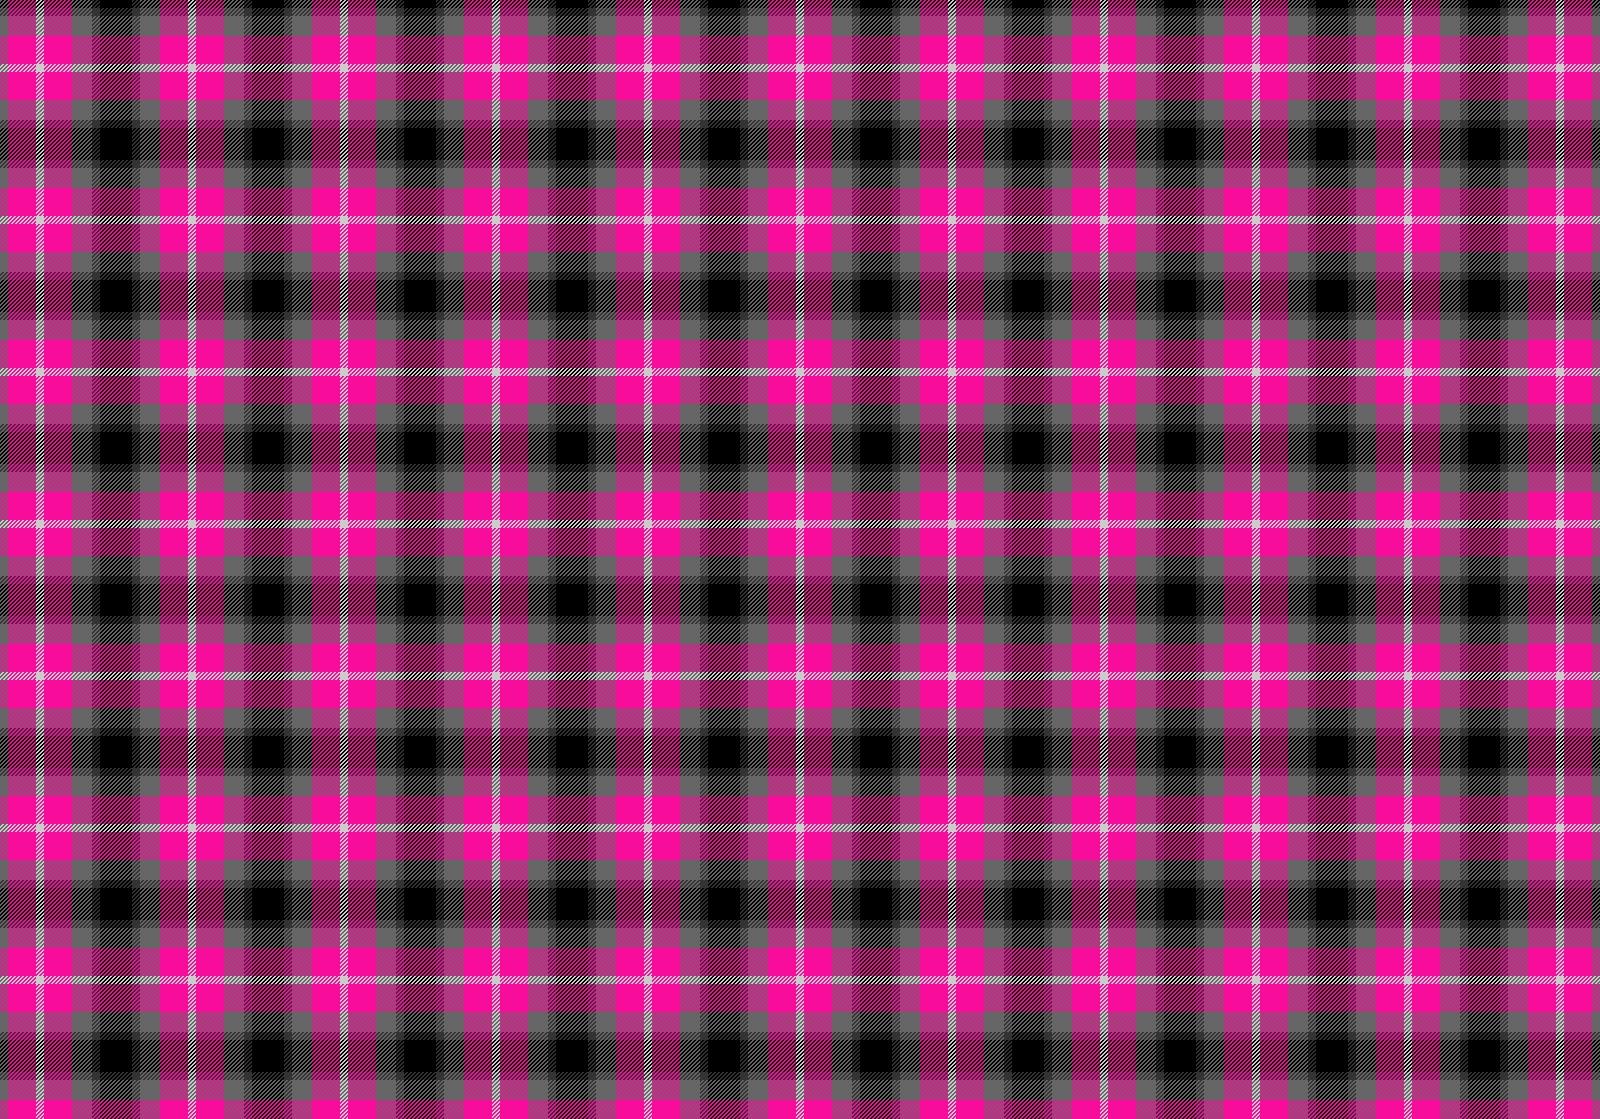 115839 скачать обои Текстуры, Клетка, Фон, Розовый, Поверхность - заставки и картинки бесплатно